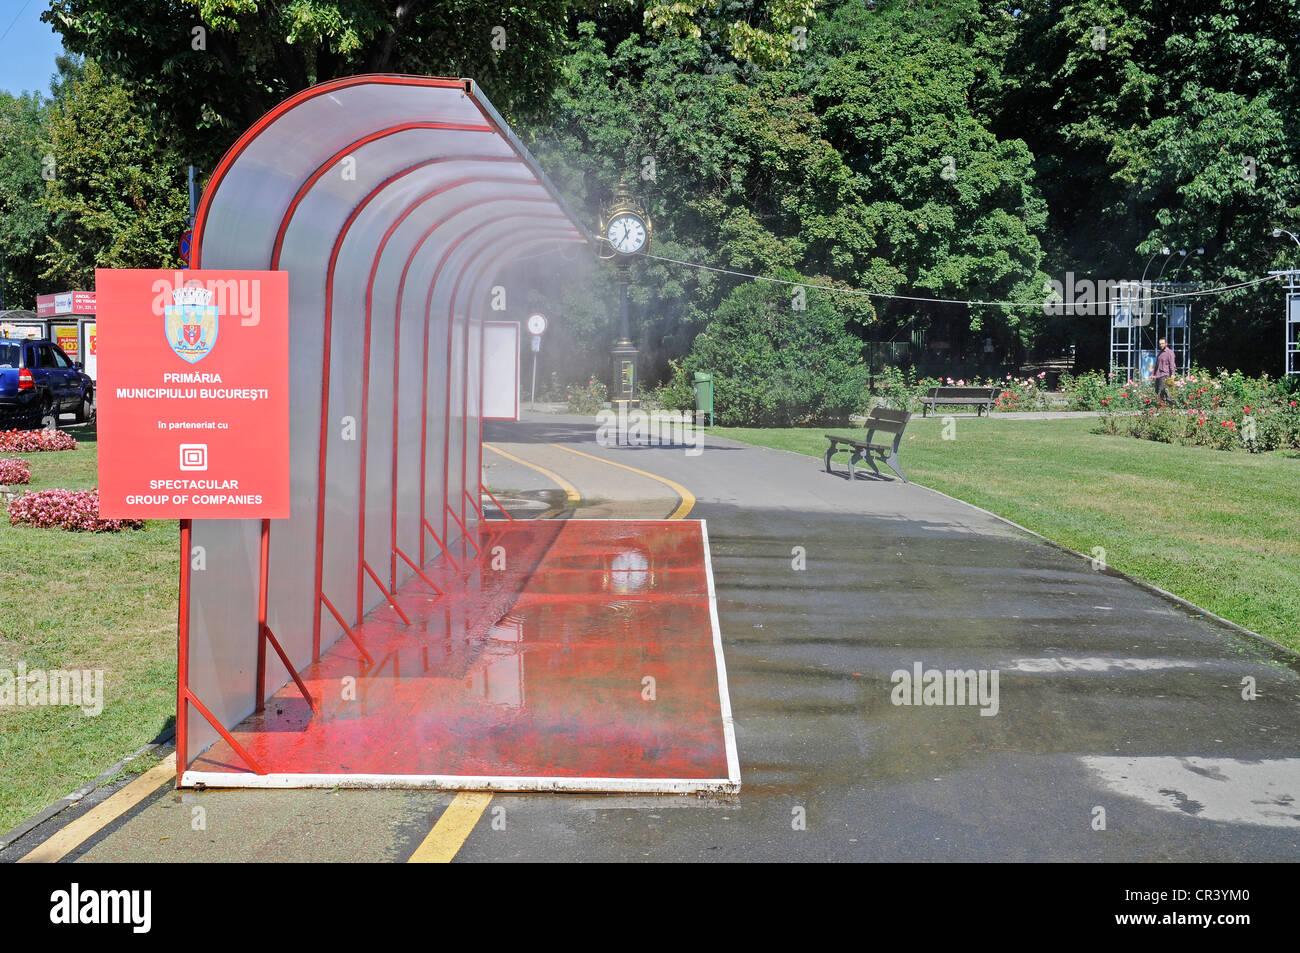 Système d'arrosage de l'eau publique, le temps chaud, l'eau, circuit de refroidissement, l'été, Photo Stock